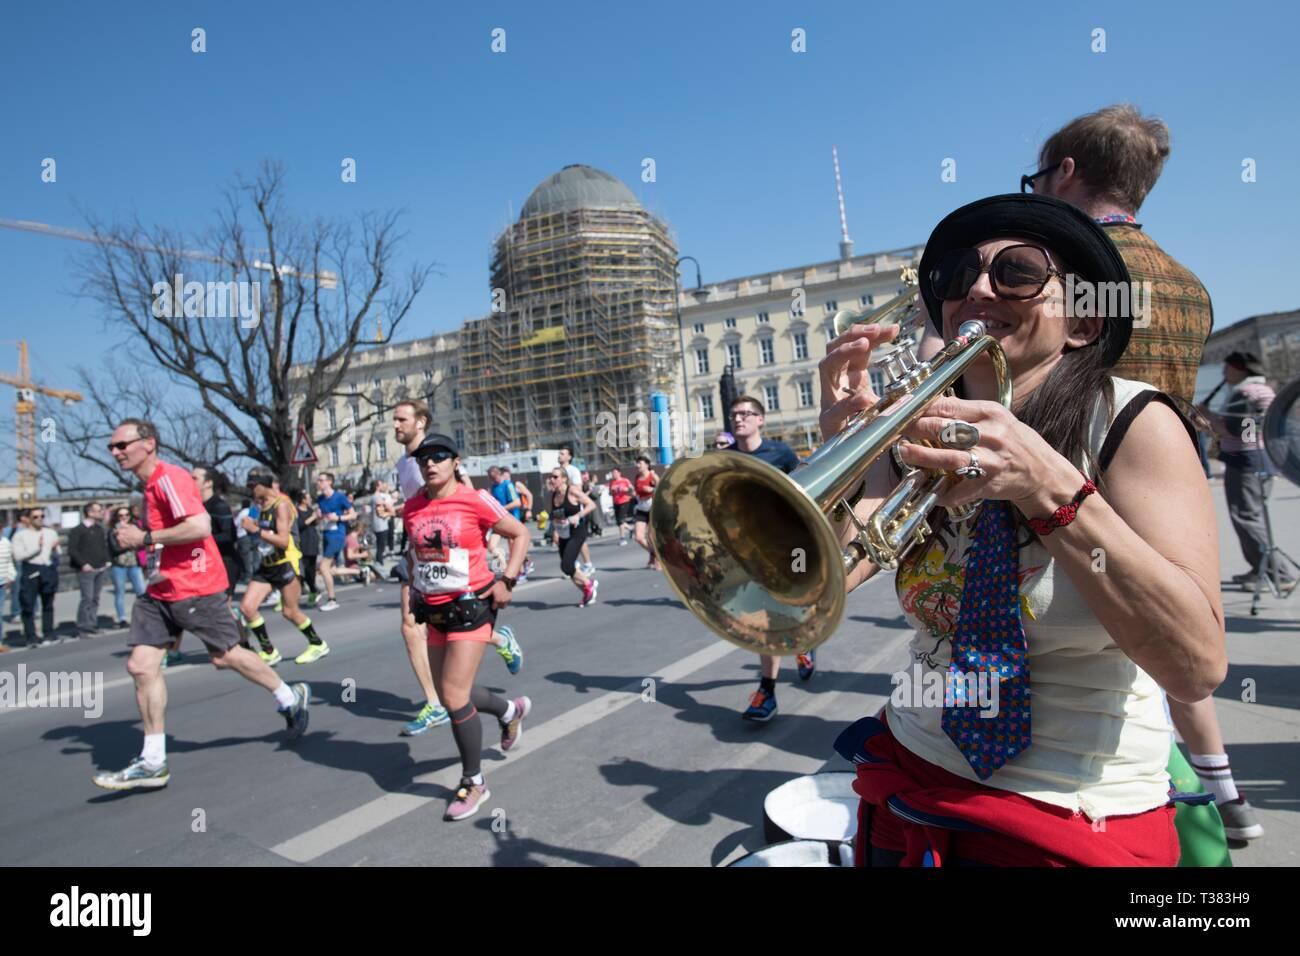 Berlin, Deutschland. 07 Apr, 2019. Musikalisch, die Teilnehmer der Berliner Halbmarathon sind auf der Ebene der Stadt Palast unterstützt. Quelle: Jörg Carstensen/dpa/Alamy leben Nachrichten Stockbild